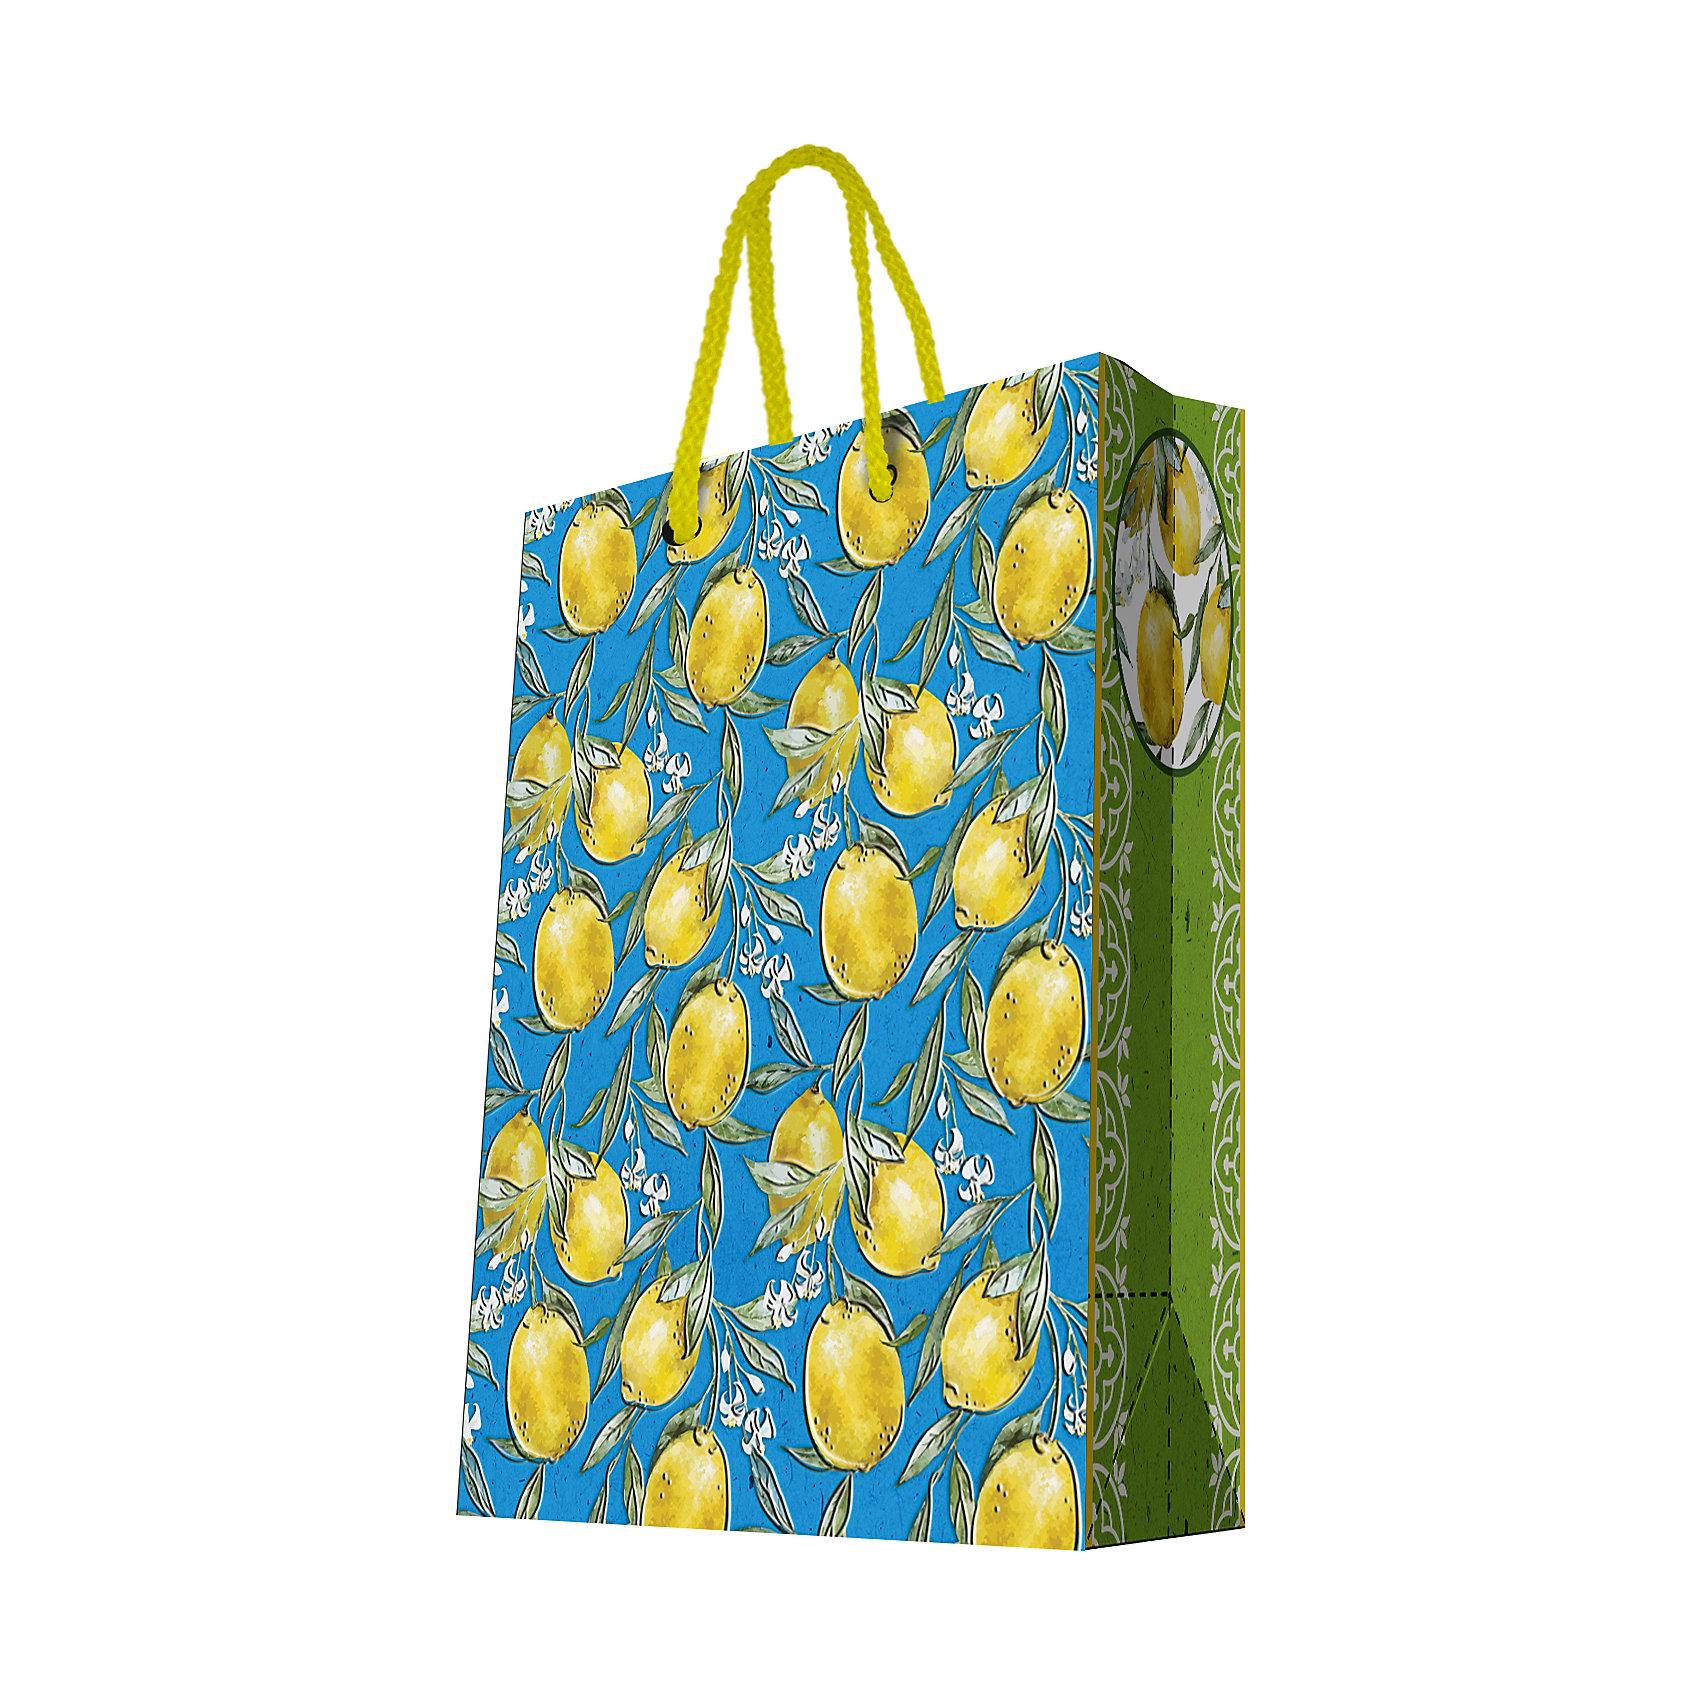 Феникс-Презент Подарочный пакет Лимоны 26*32,4*12,7 см феникс презент подарочный пакет лимоны 26 32 4 12 7 см